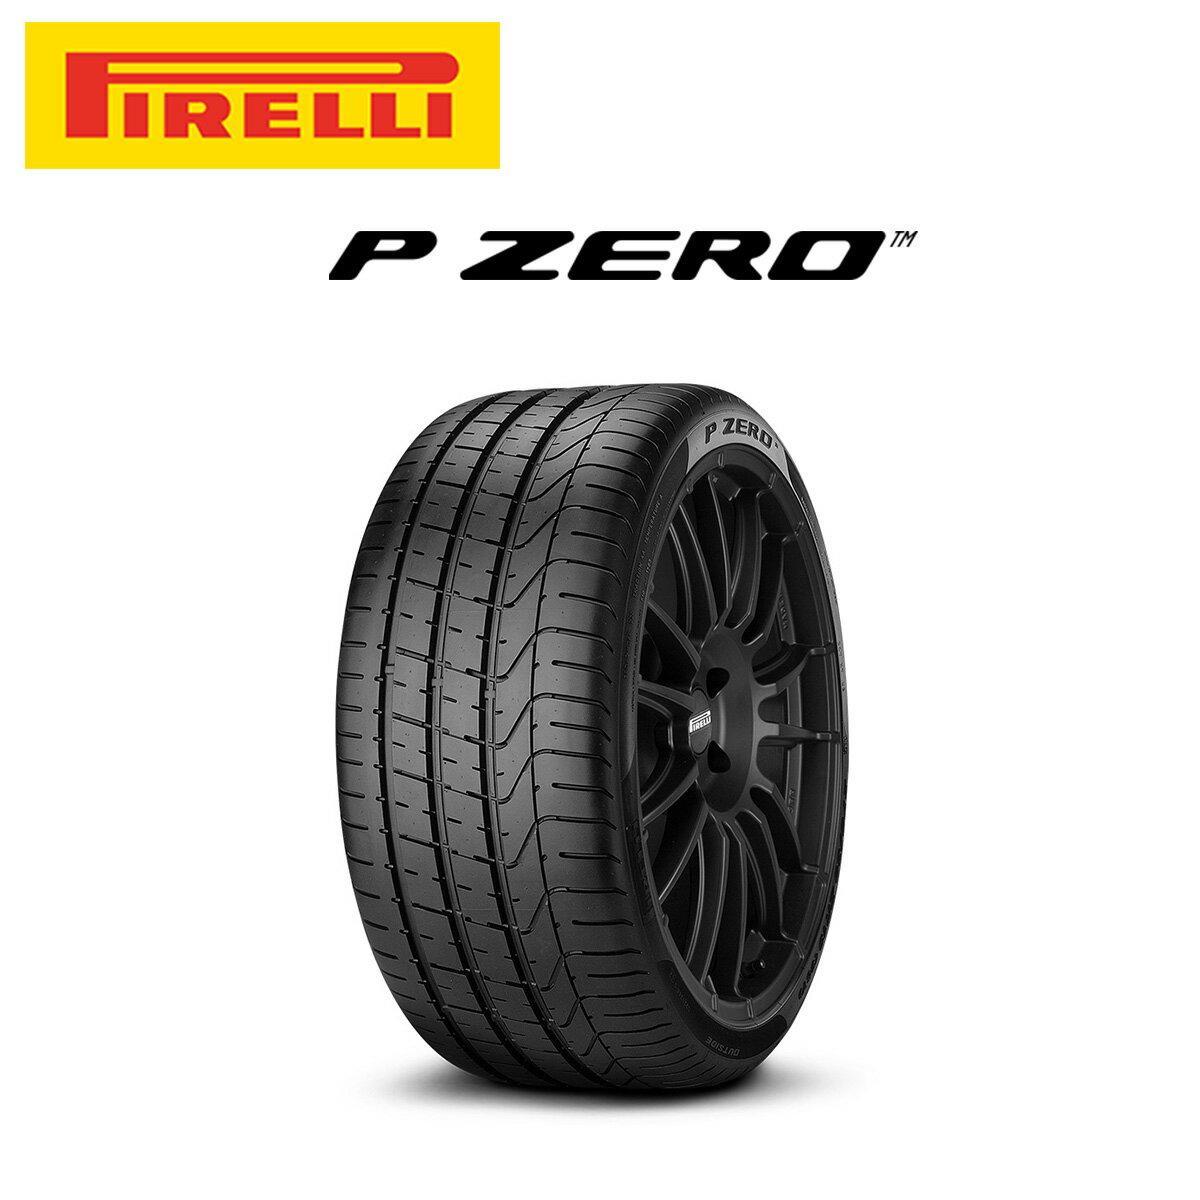 ピレリ PIRELLI P ZERO ピーゼロ 19インチ サマー タイヤ 4本 セット 245/45R19 98Y r-f ★:BMW MINI承認タイヤ 2137300